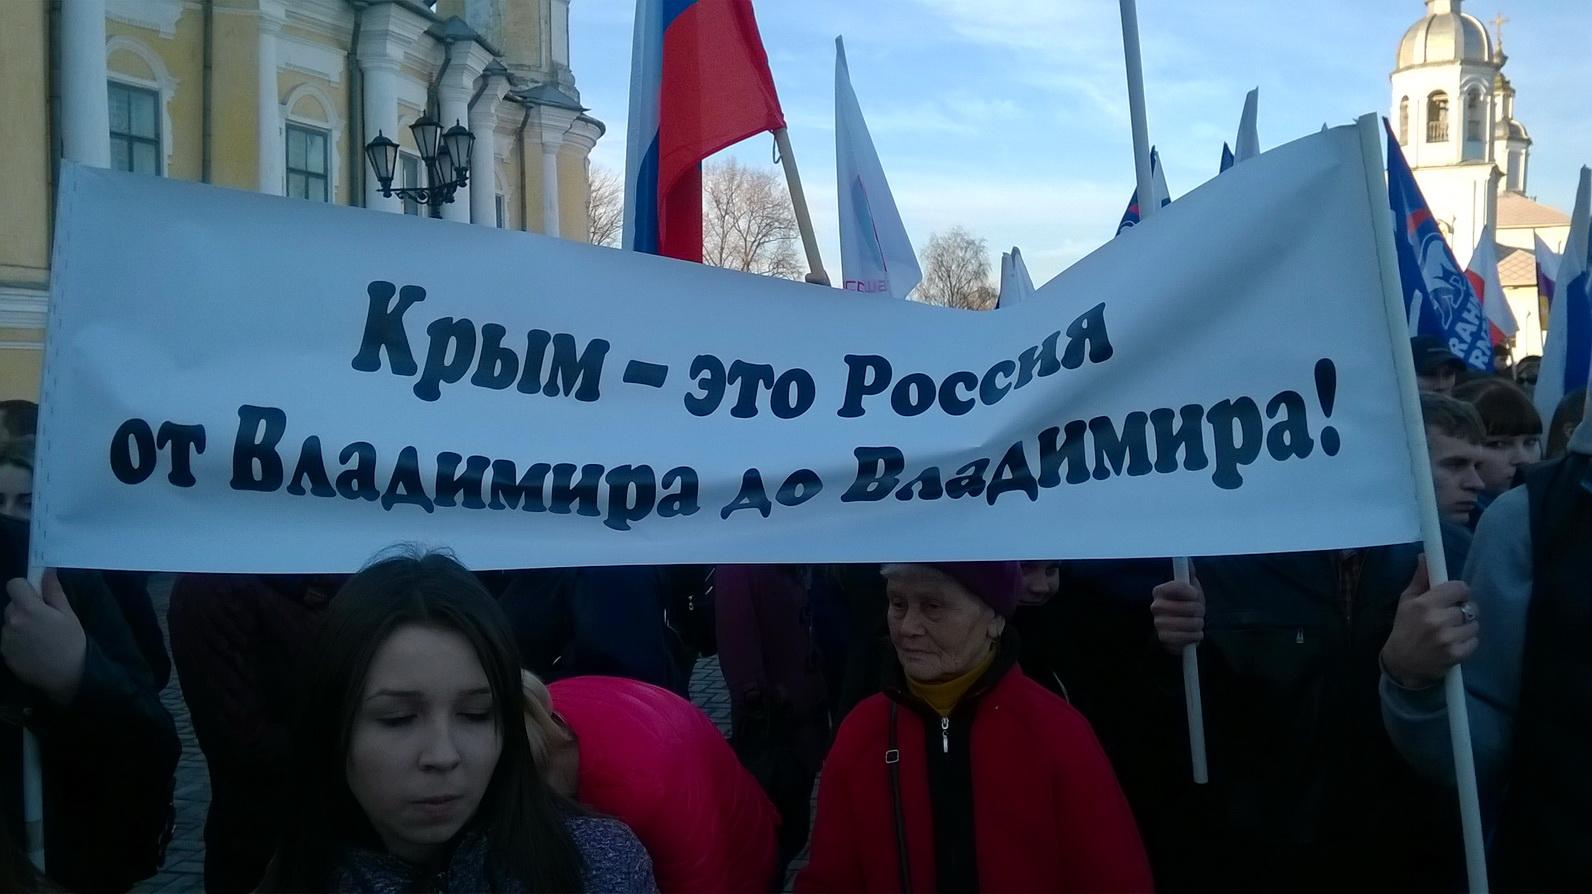 За посещение крымского митинга вологодским студентам разрешили прогулять занятия